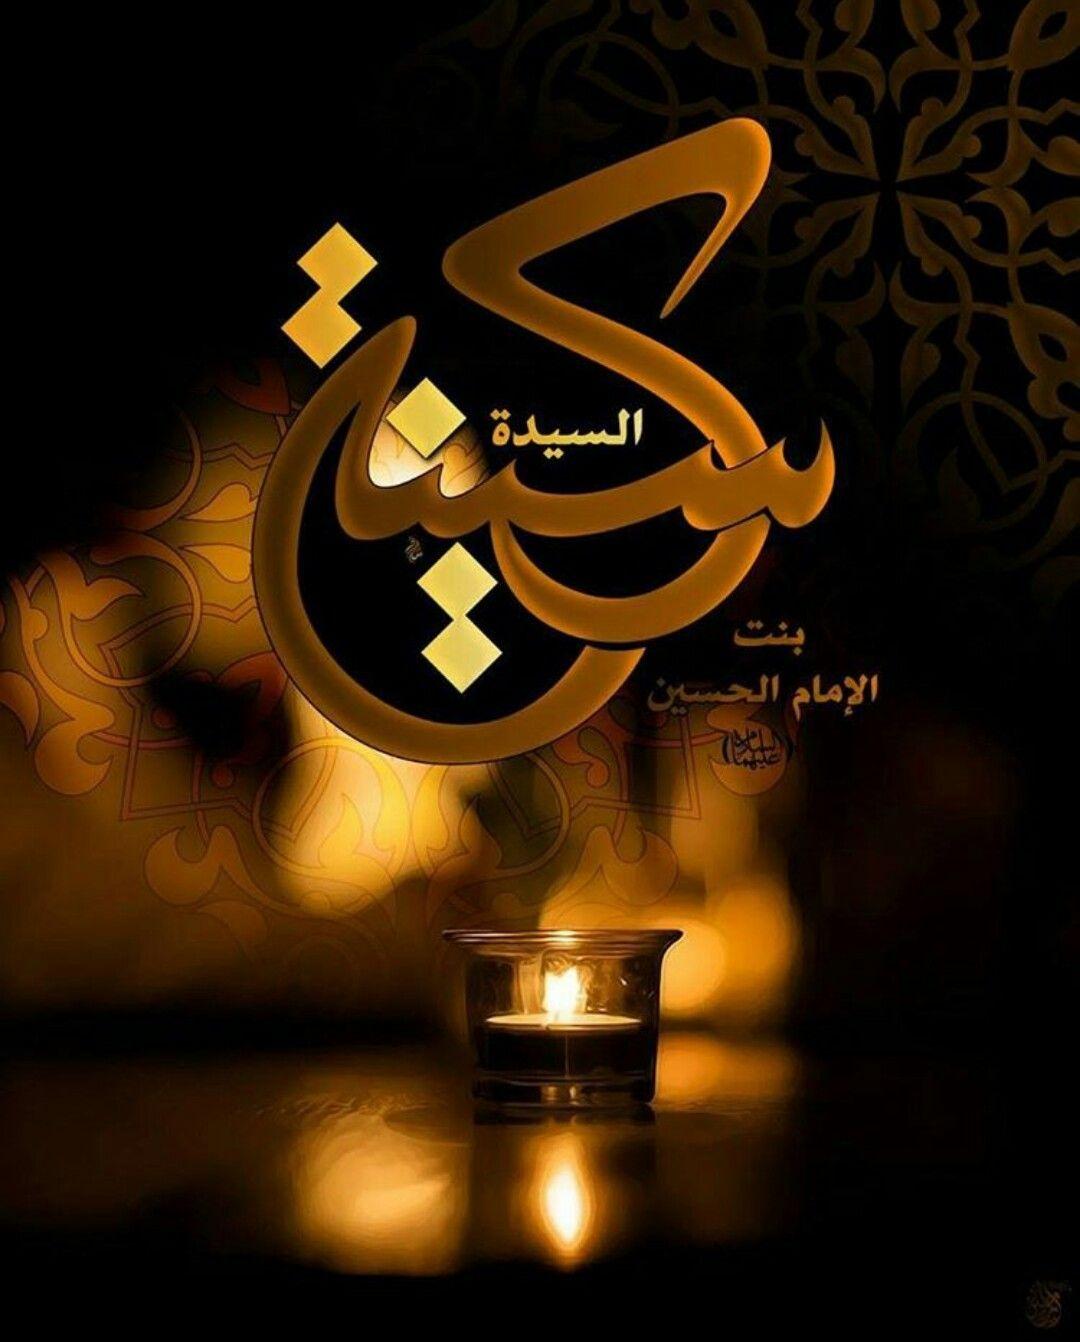 عظم الله اجورنا واجوركم بذكرى استشهاد عزيزة الحسين عليه السلام السلام عليك ياسيده سكينه Novelty Lamp Table Lamp Lamp